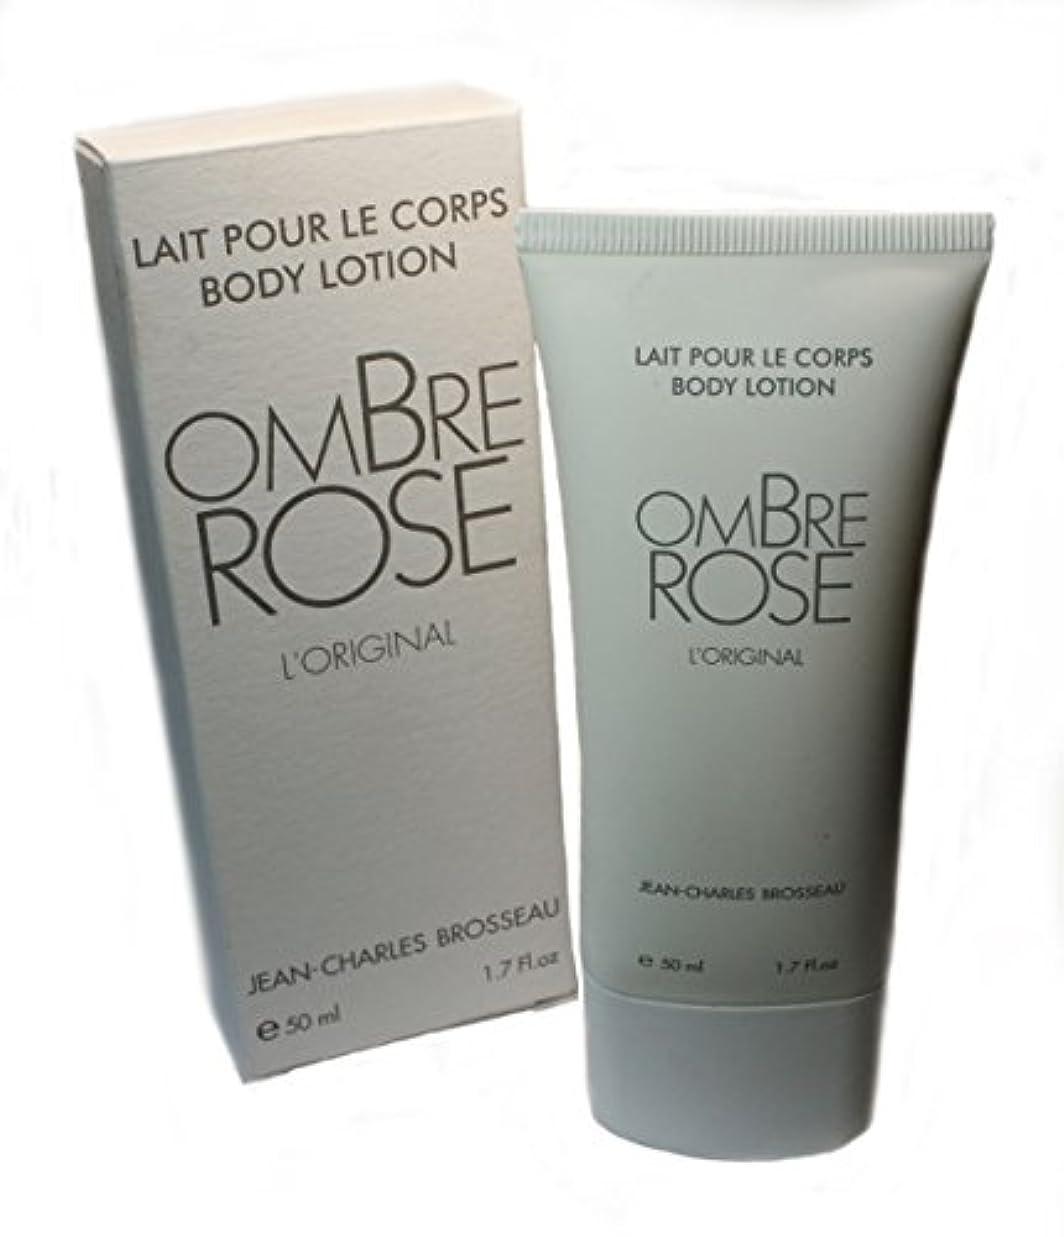 スクリーチ後者ディスクJean-Charles Brosseau Ombre Rose L'Original Body Lotion(ジャン シャルル ブロッソー オンブル ローズ オリジナル ボディーローション)50ml